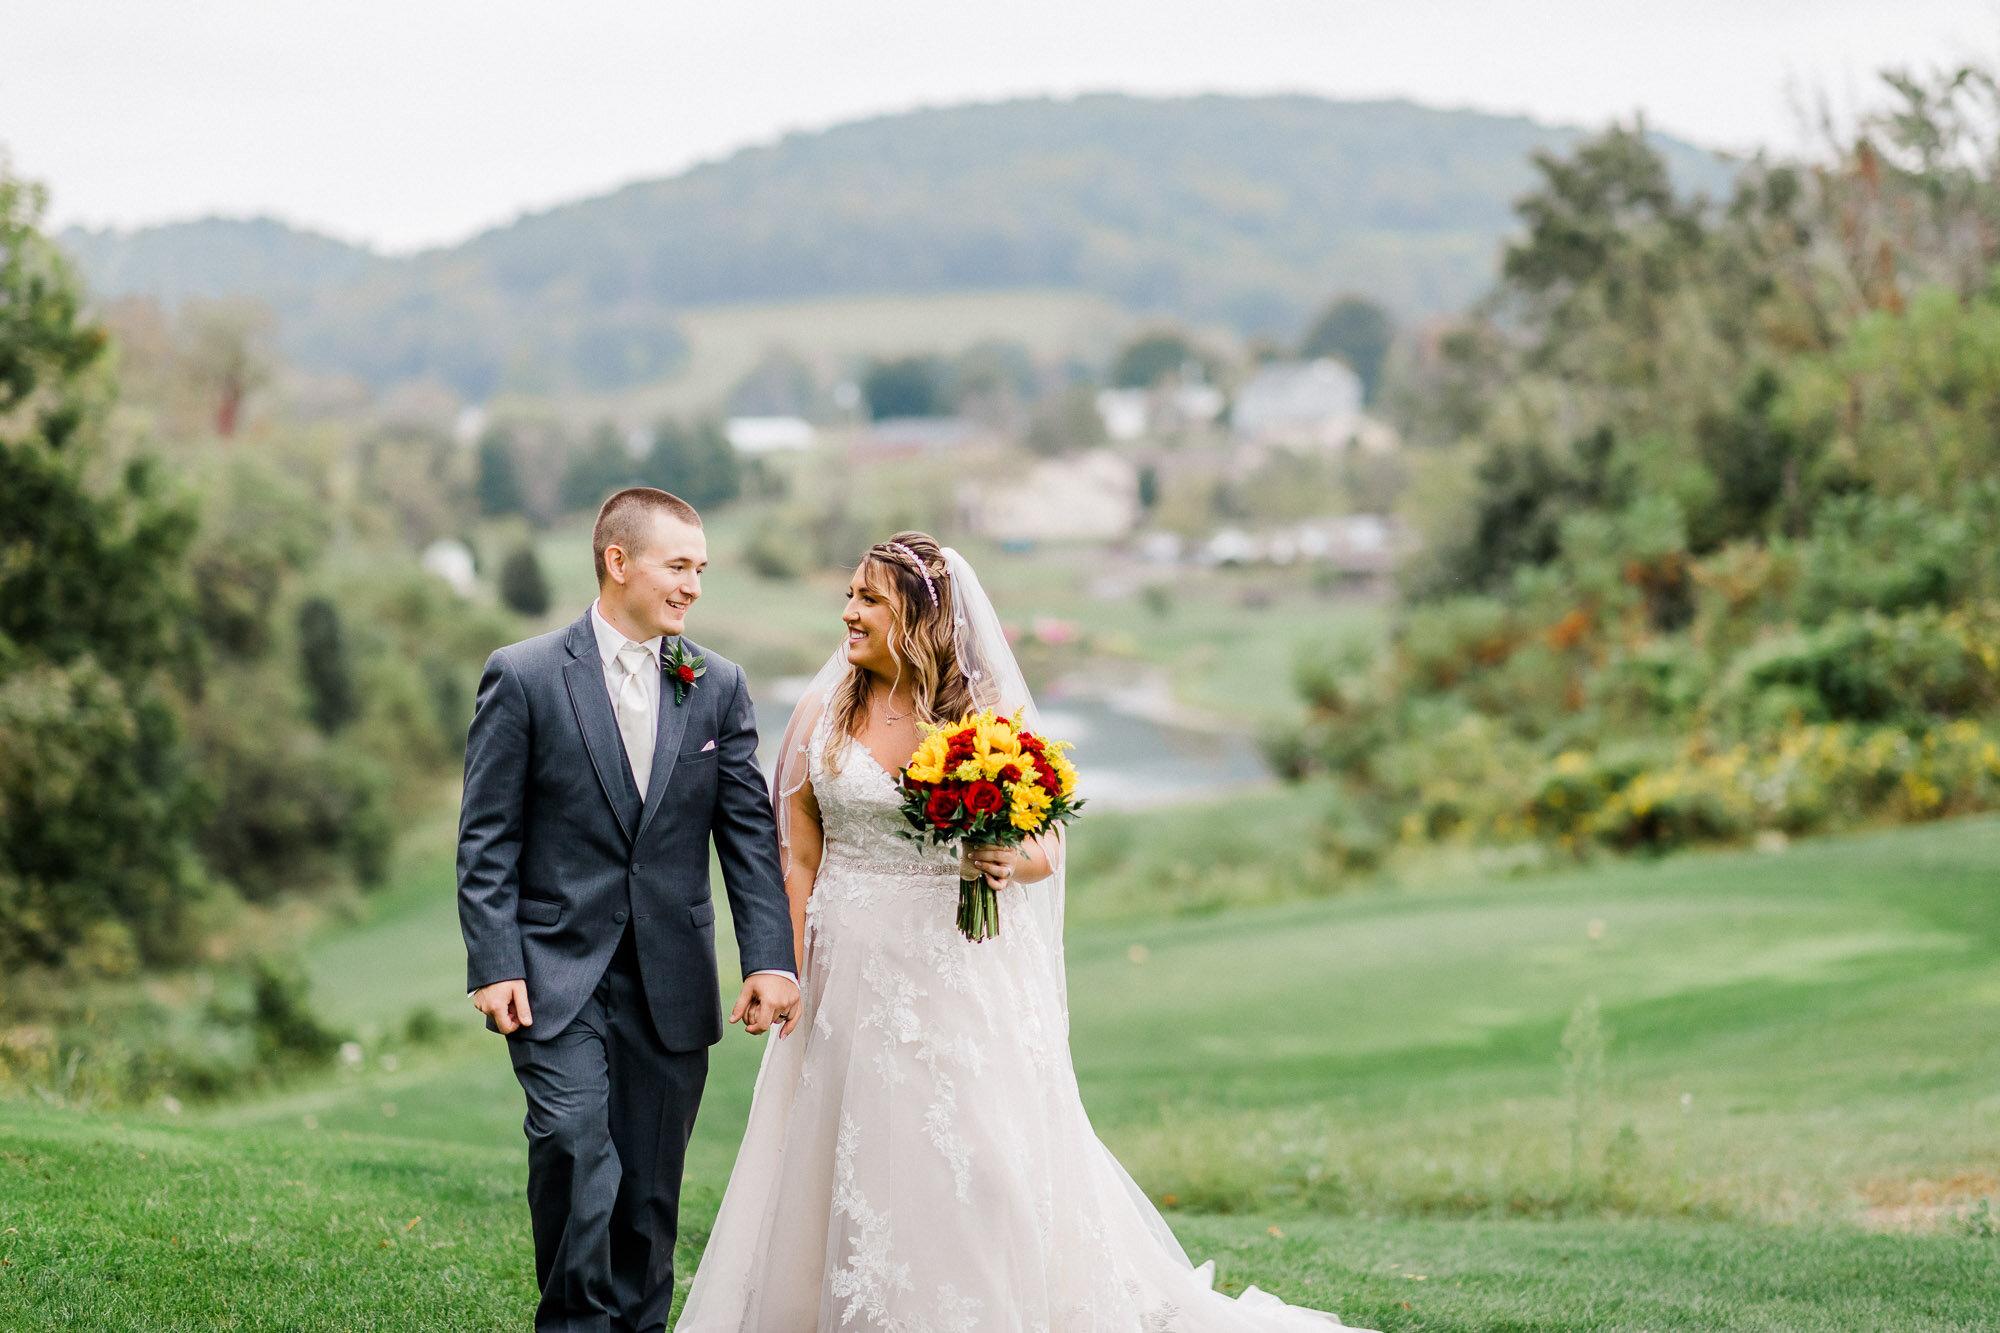 links-hemlock-creek-bloomsburg-wedding-6558.jpg